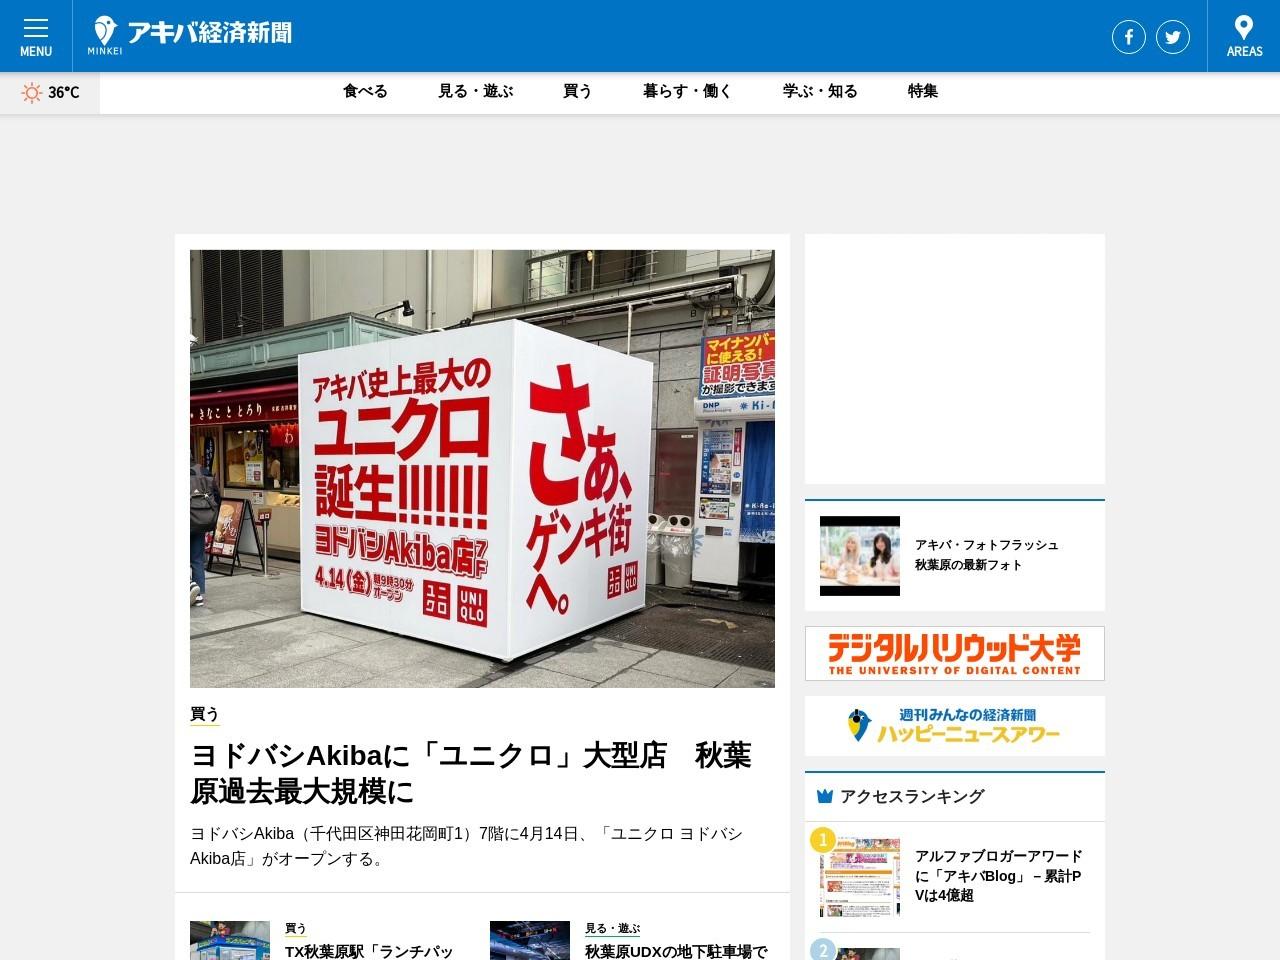 アキバ経済新聞上半期PVランキング1位は300万円の「クローンワンコ」